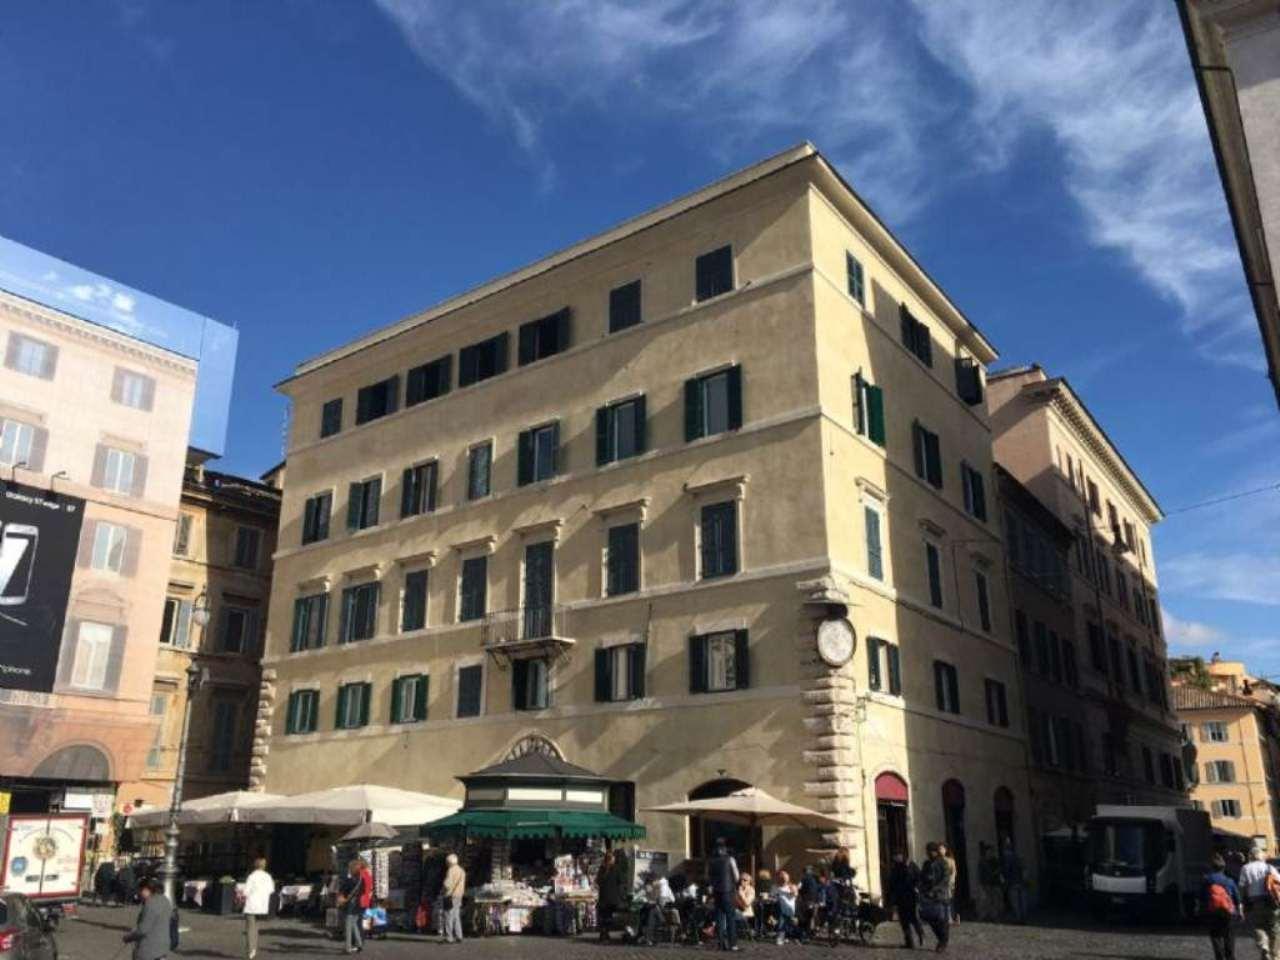 Ufficio / Studio in affitto a Roma, 5 locali, zona Zona: 1 . Centro storico, prezzo € 5.000 | Cambio Casa.it